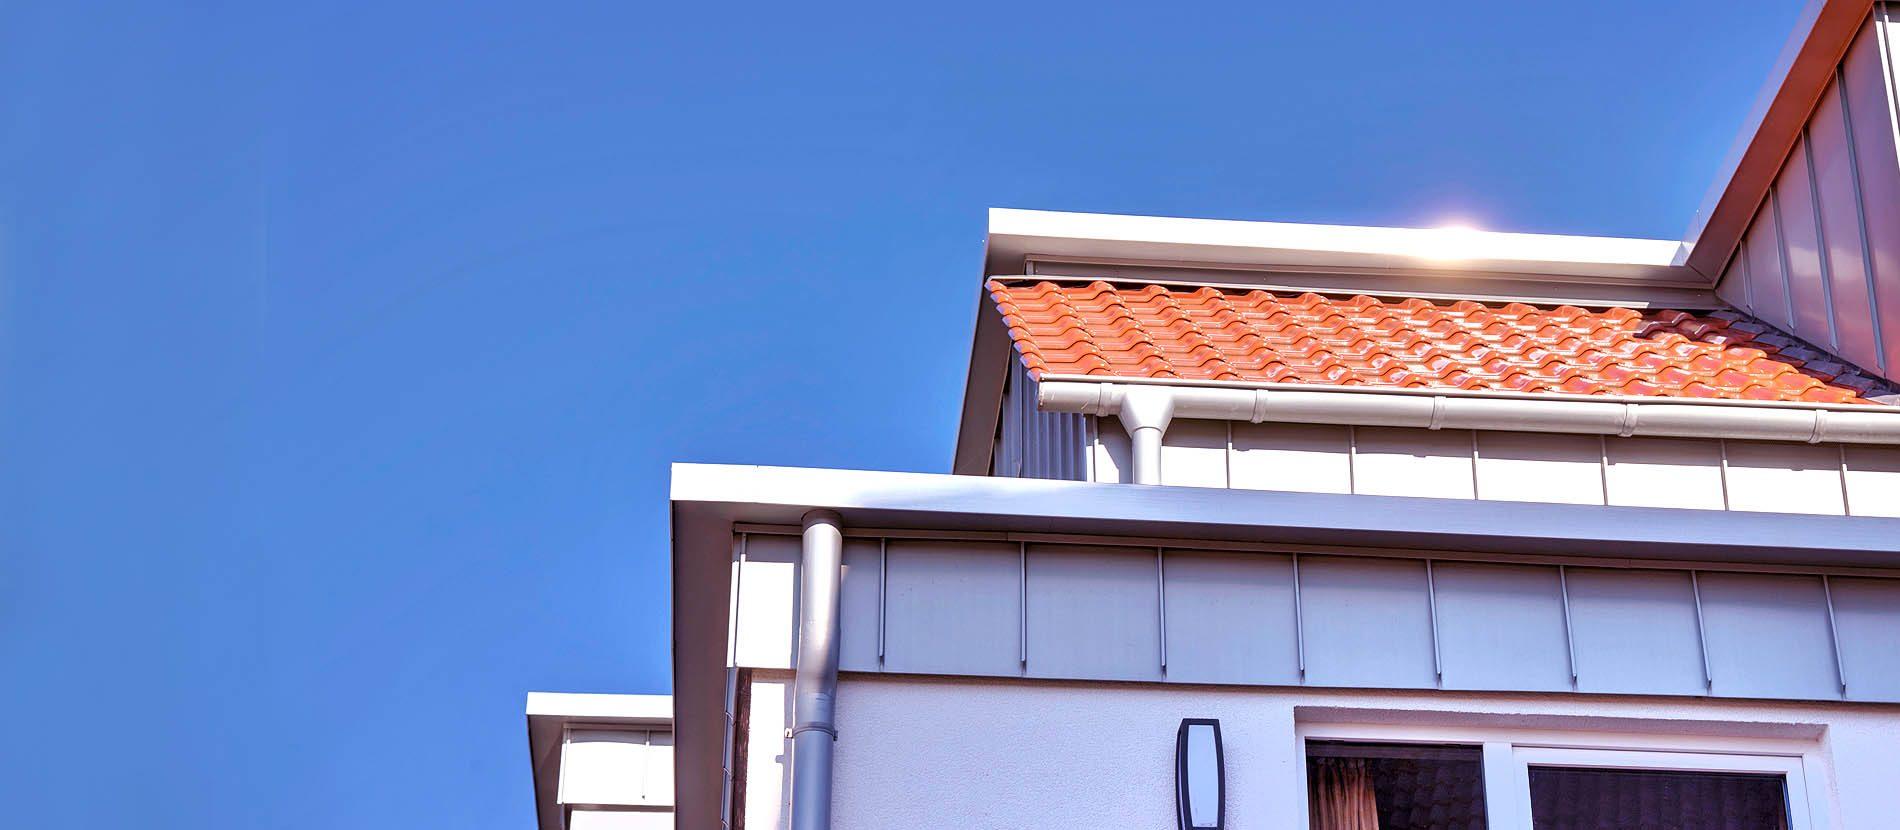 dachdeckermeister oliver grede bergisch gladbach. Black Bedroom Furniture Sets. Home Design Ideas